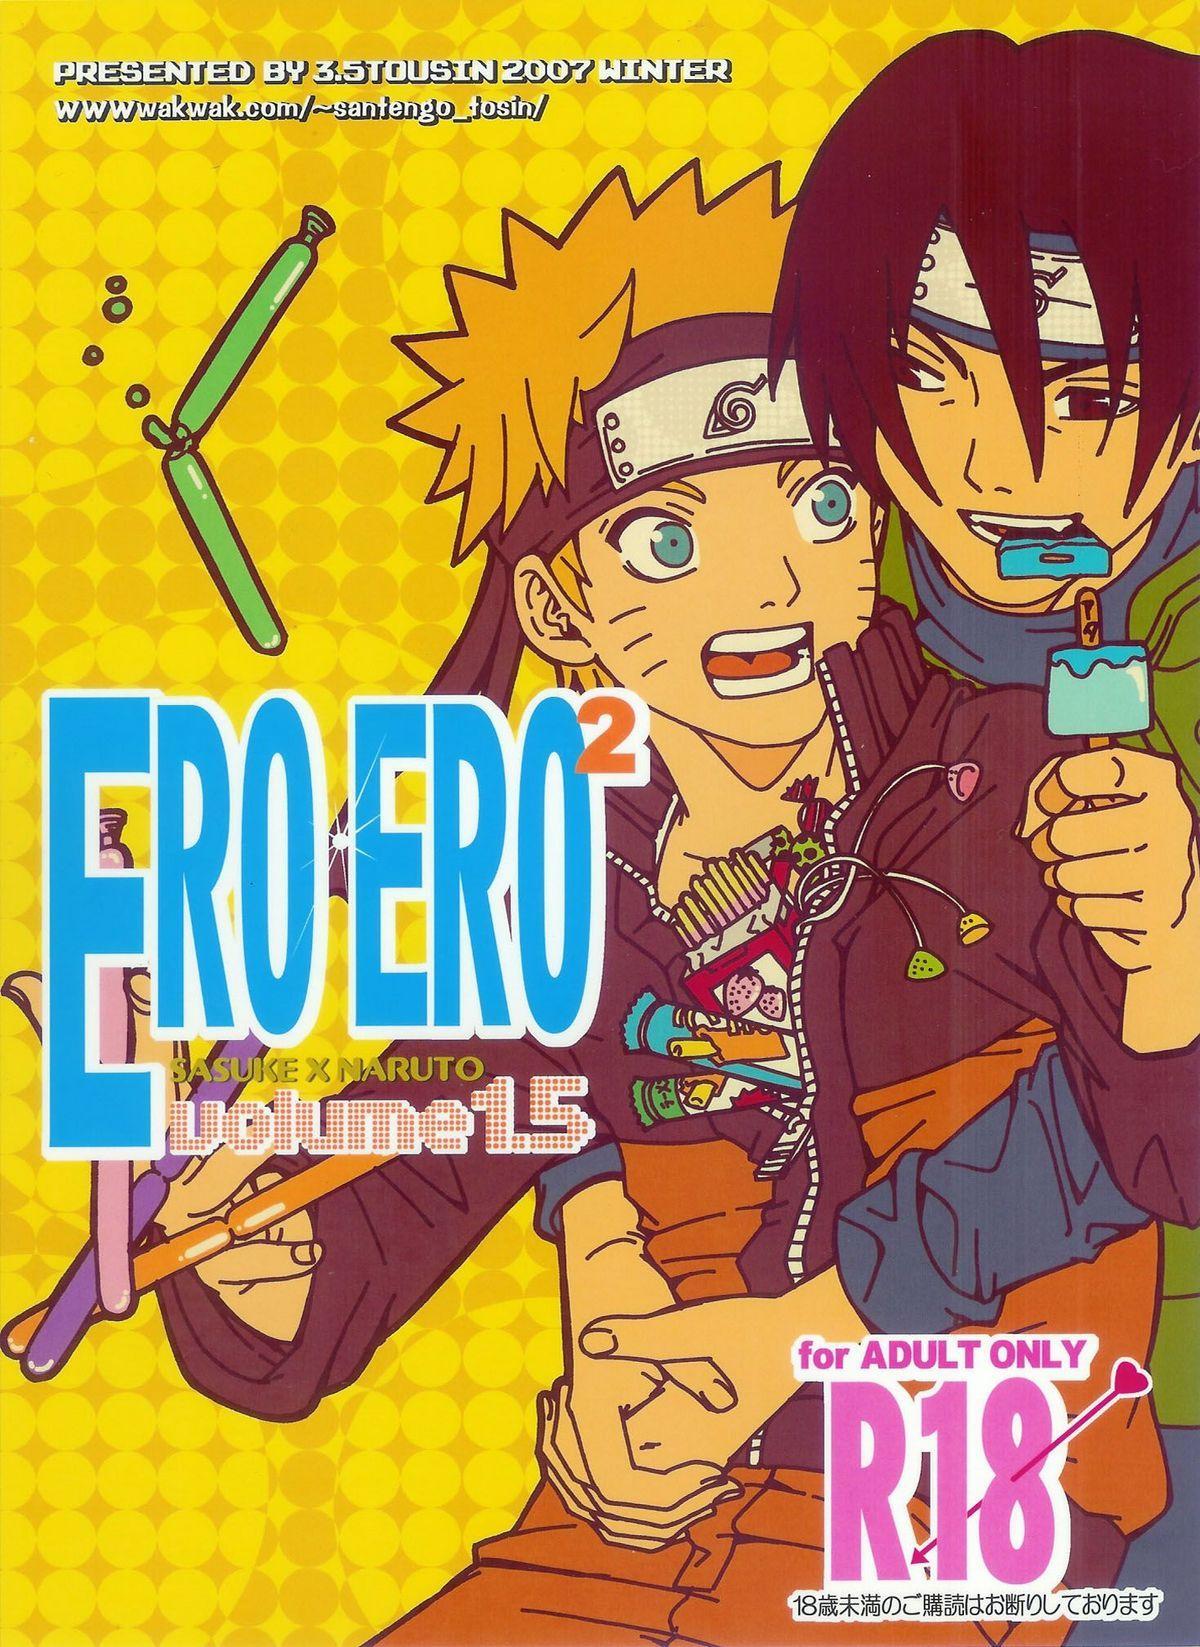 ERO ERO²: Volume 1.5  (NARUTO) [Sasuke X Naruto] YAOI -ENG- 0